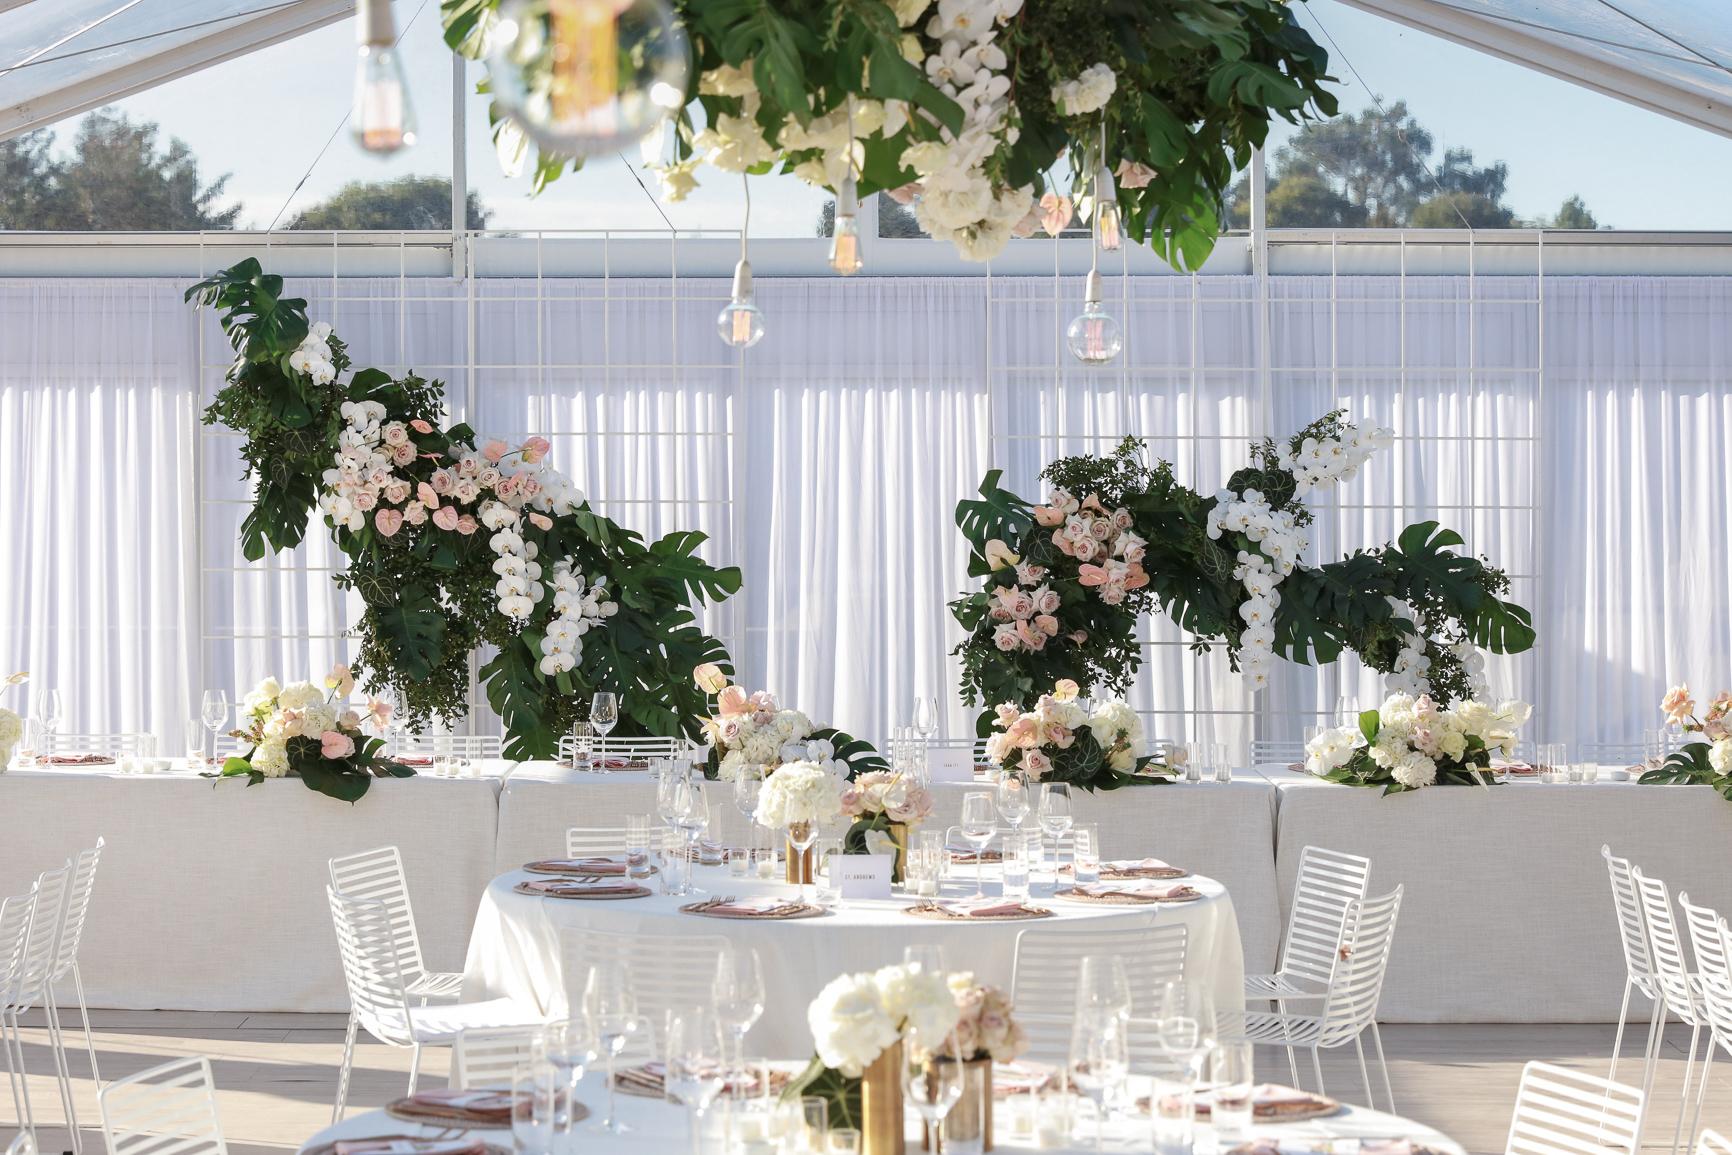 ©MichelleWeir-Blush-TaraIti-Wedding-72dpi-077.jpg